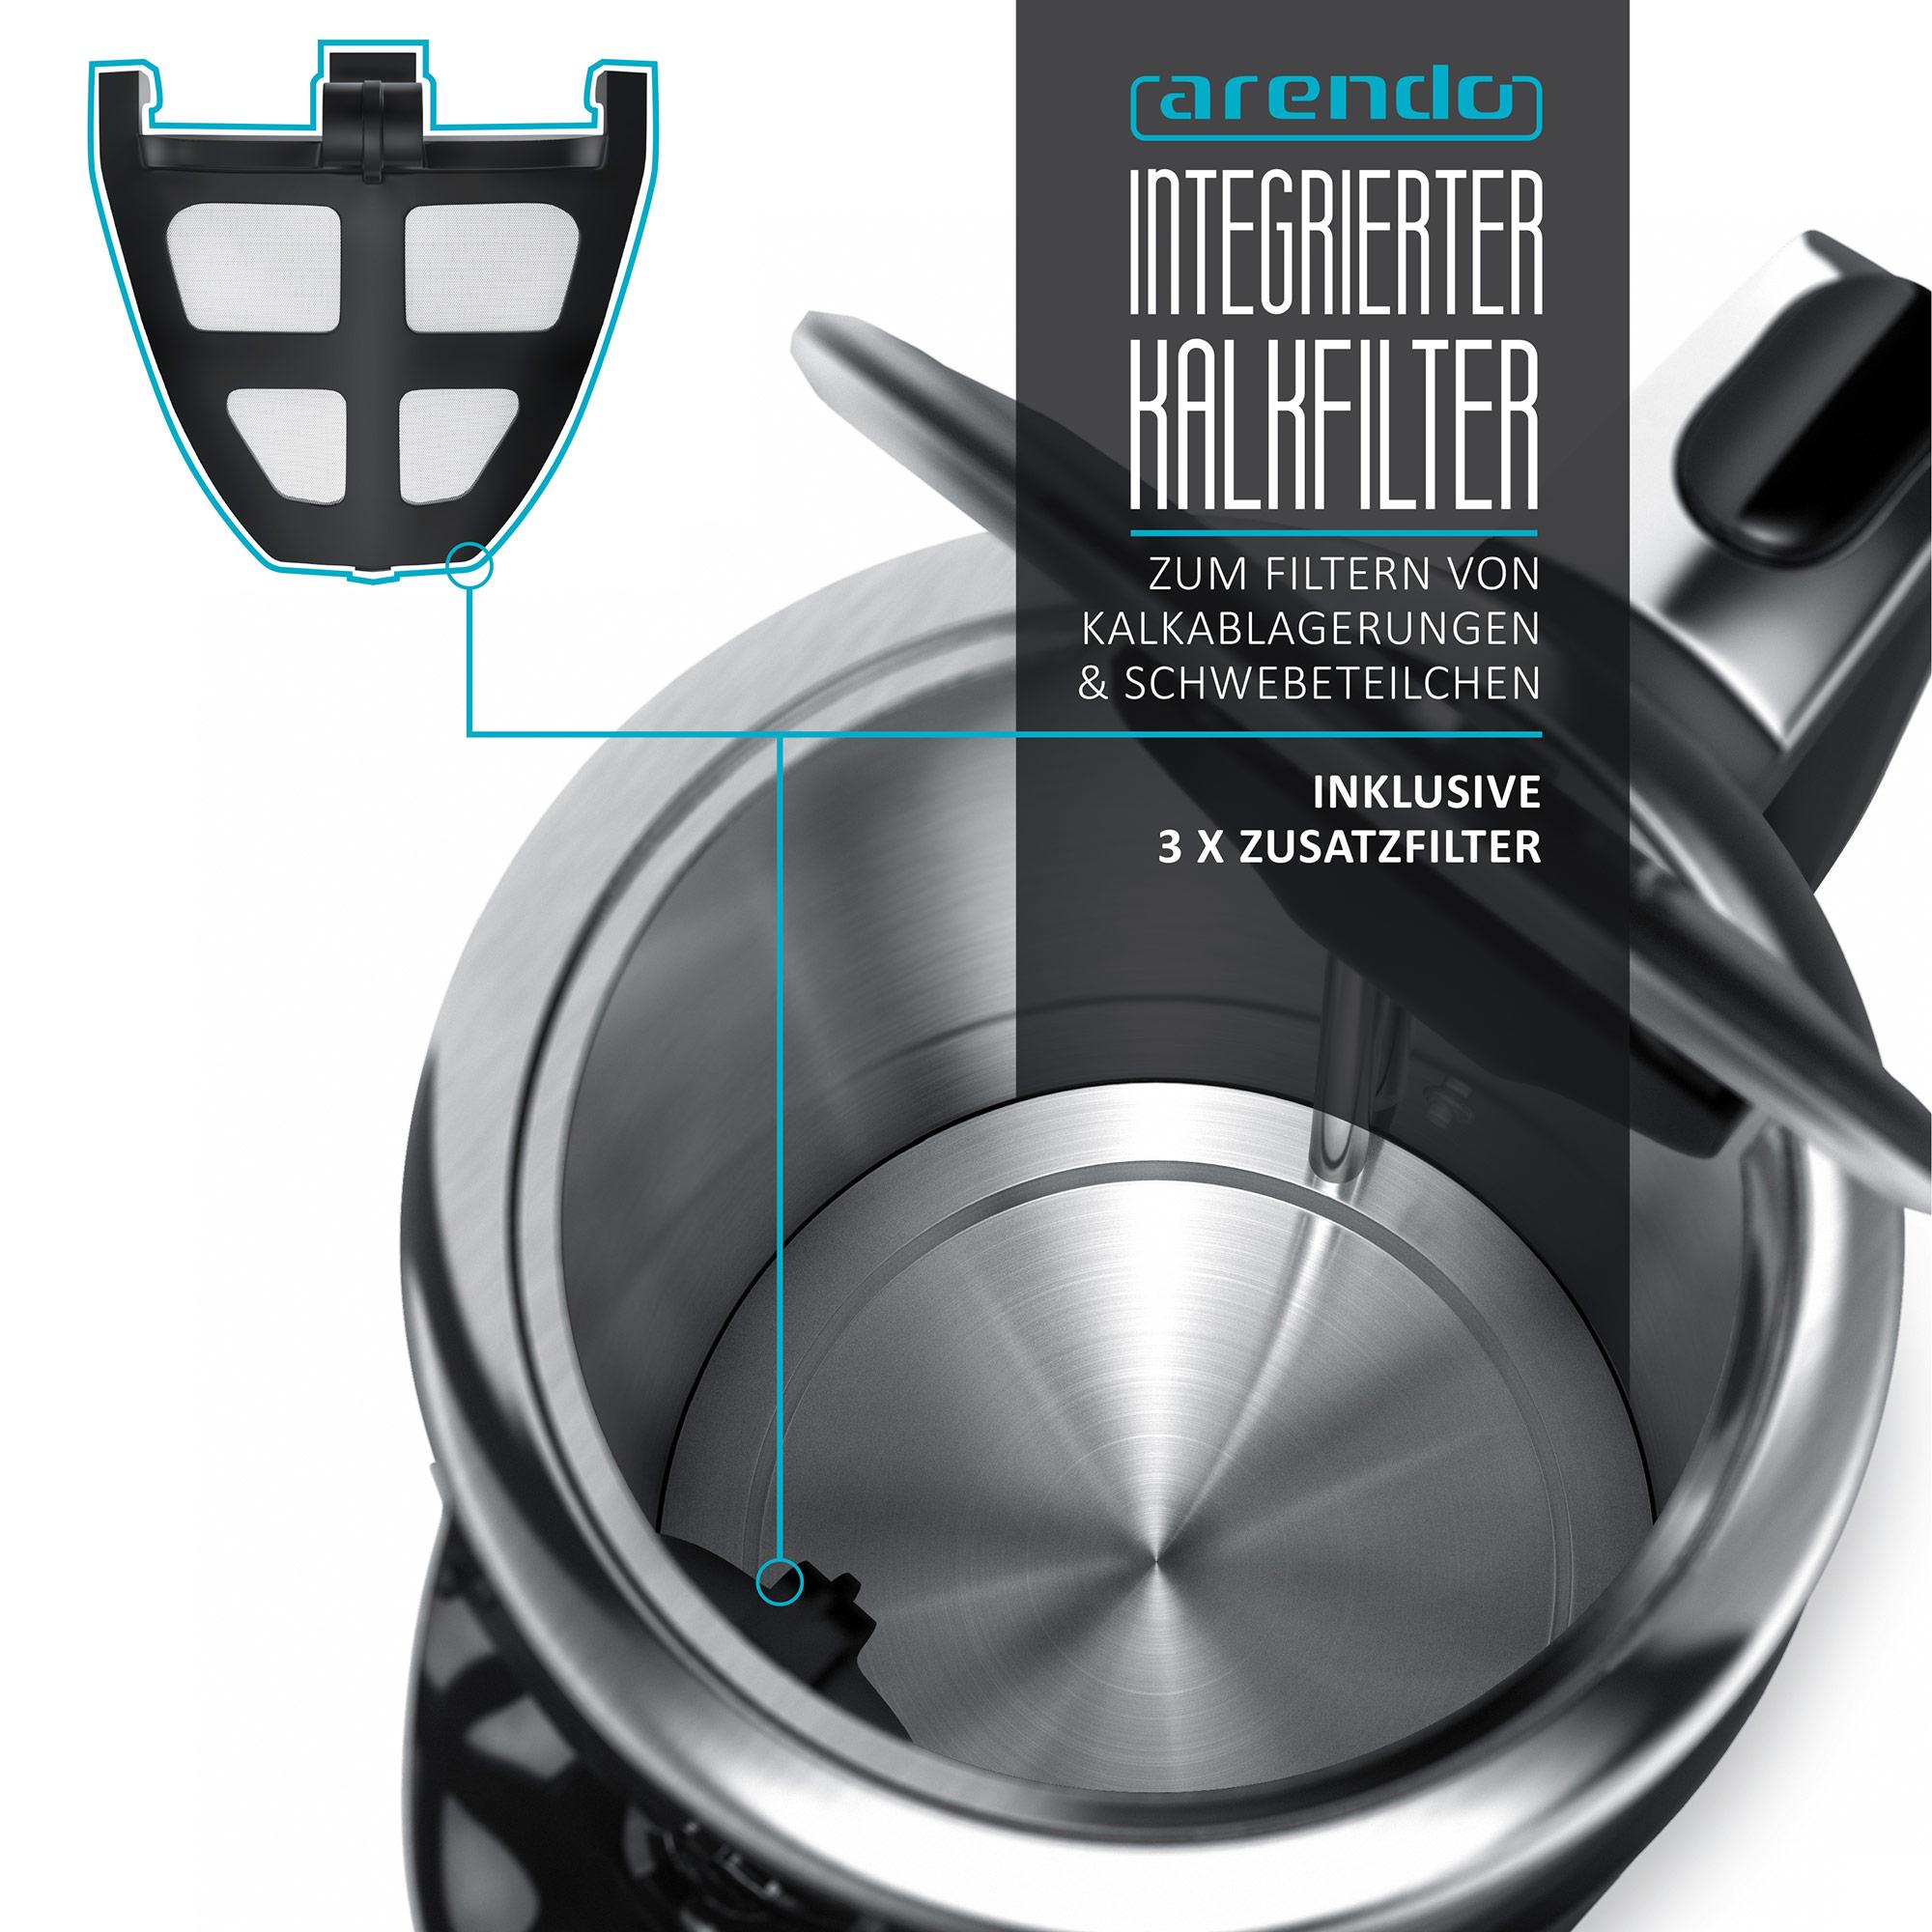 303118_Wasserkocher-black-chrome_mit-Basis_offen.jpg